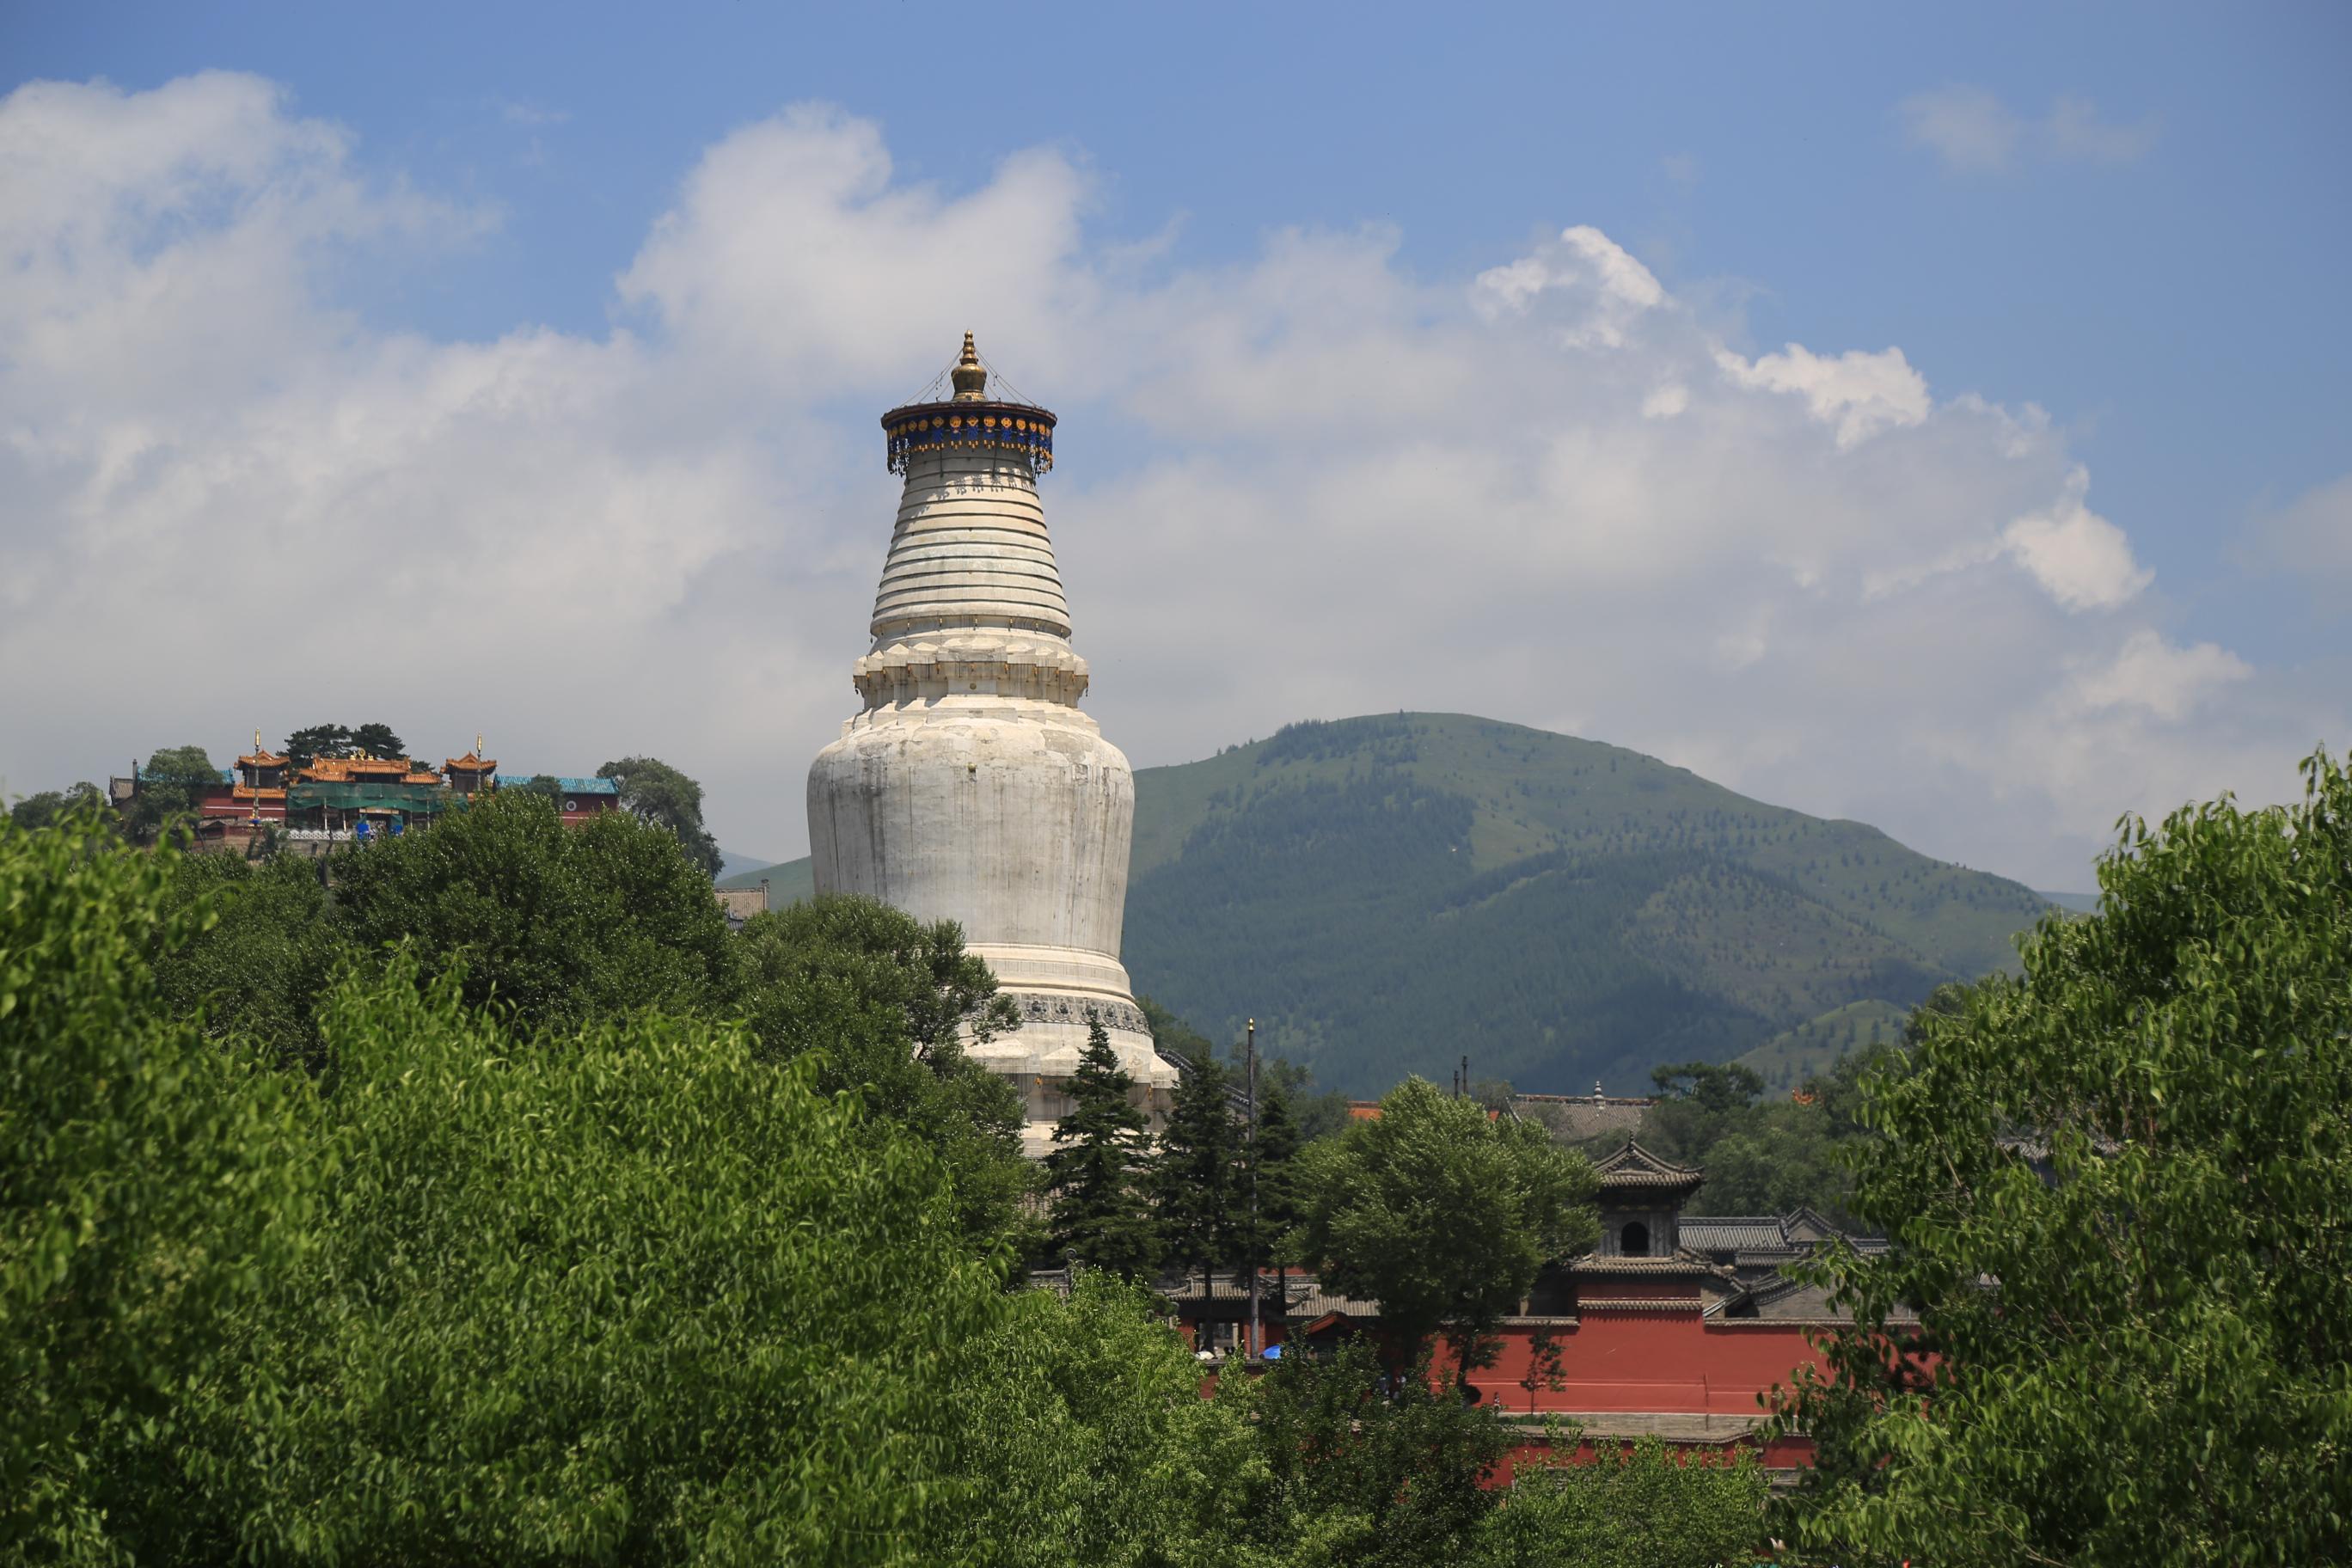 中江县白塔寺庙图像